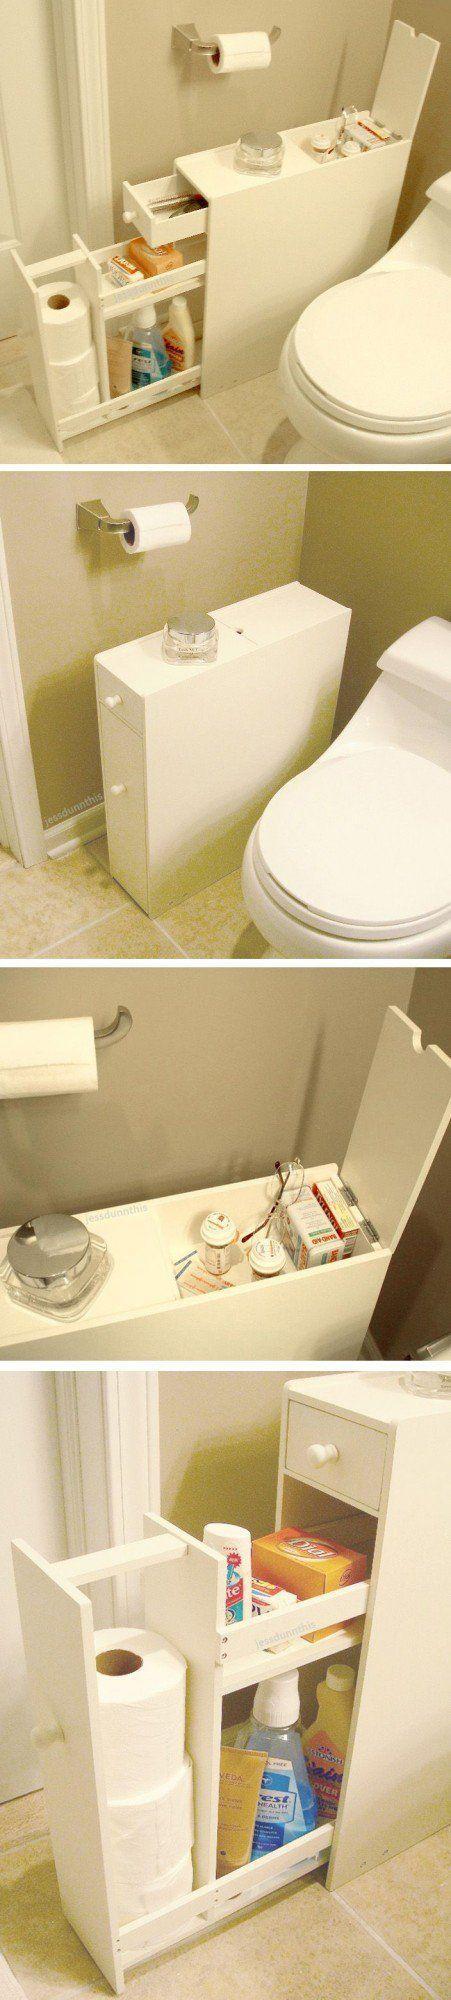 Photo of Top 25 Best Small Bathroom DIY Ideas You'll Love # …#bathroom #diy #ideas #lov…